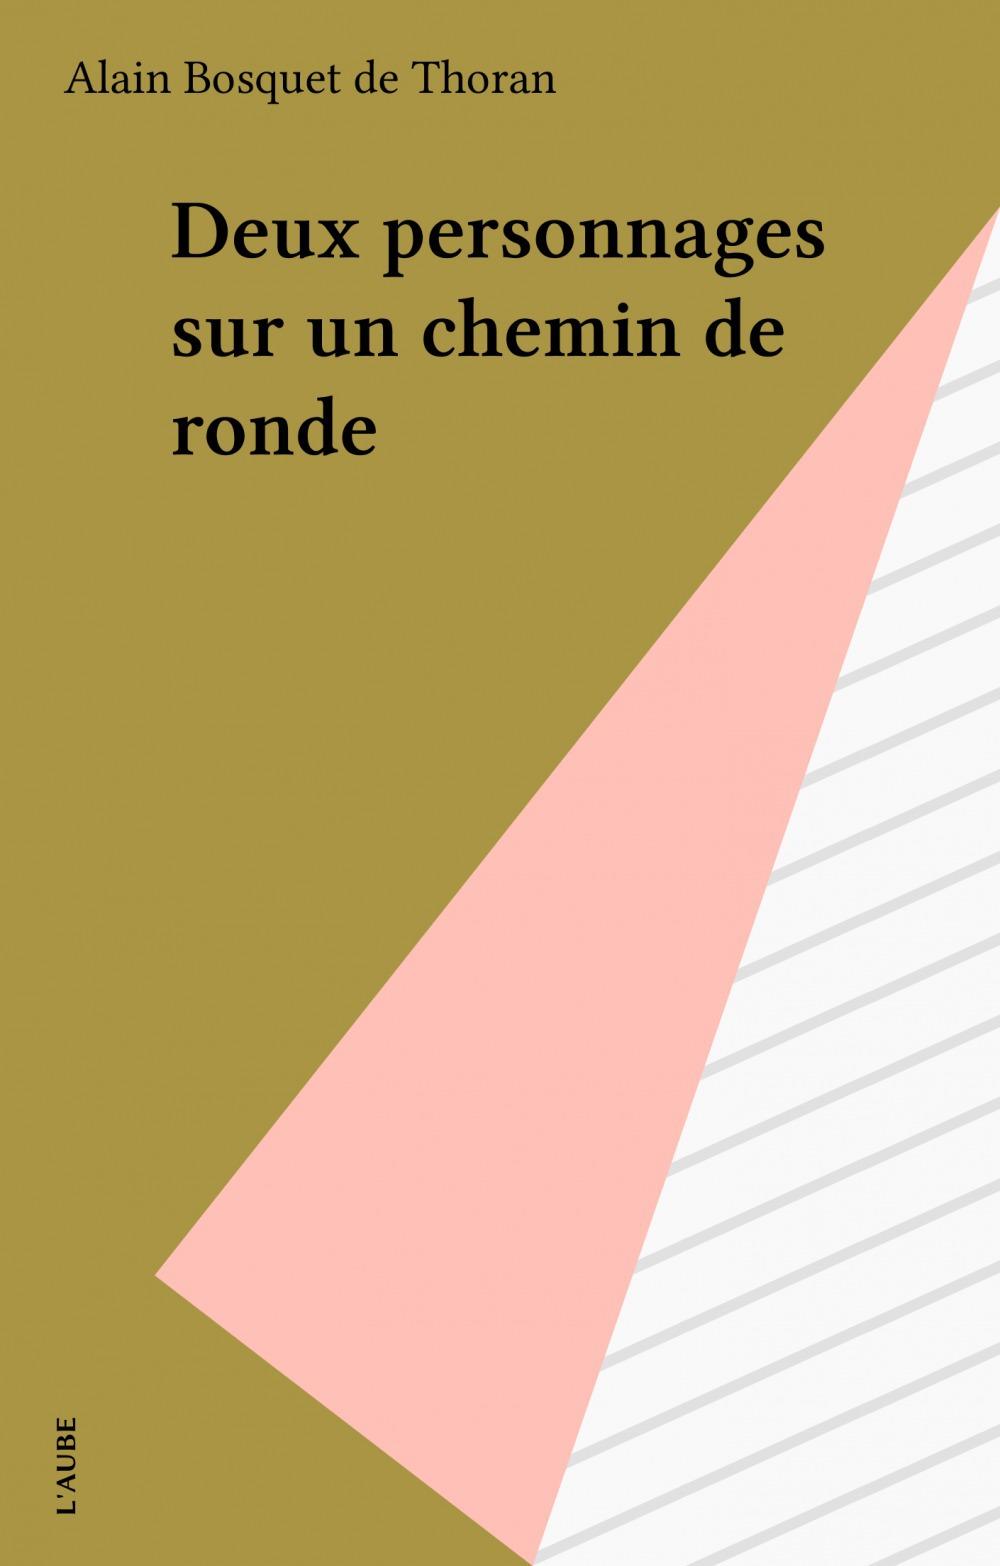 Deux personnages sur un chemin de ronde  - Alain Bosquet de Thoran